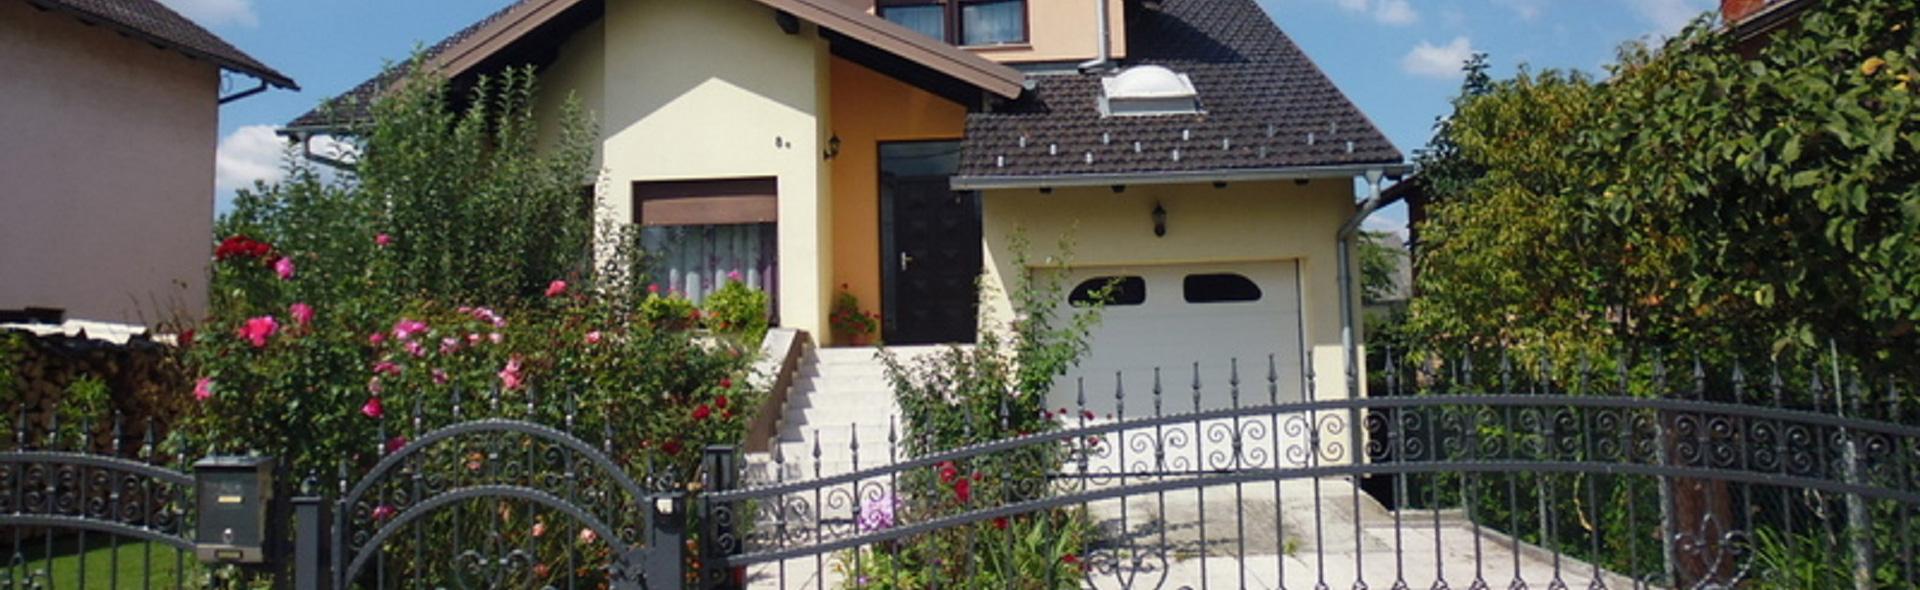 Samostojeća kuća za prodaju Petrinja